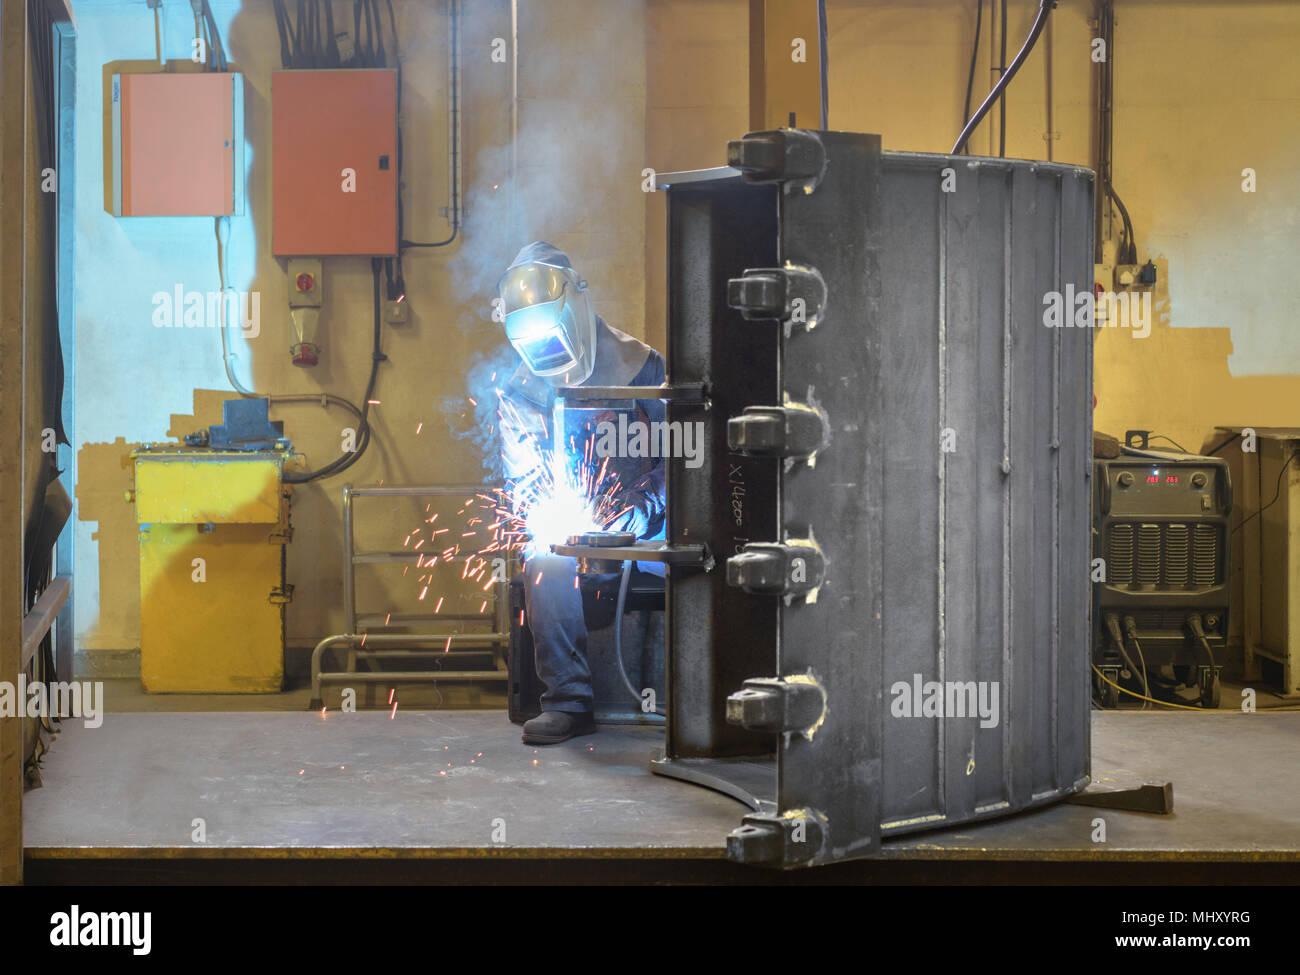 Une partie de la soudure soudeur digger godet en usine d'ingénierie Photo Stock